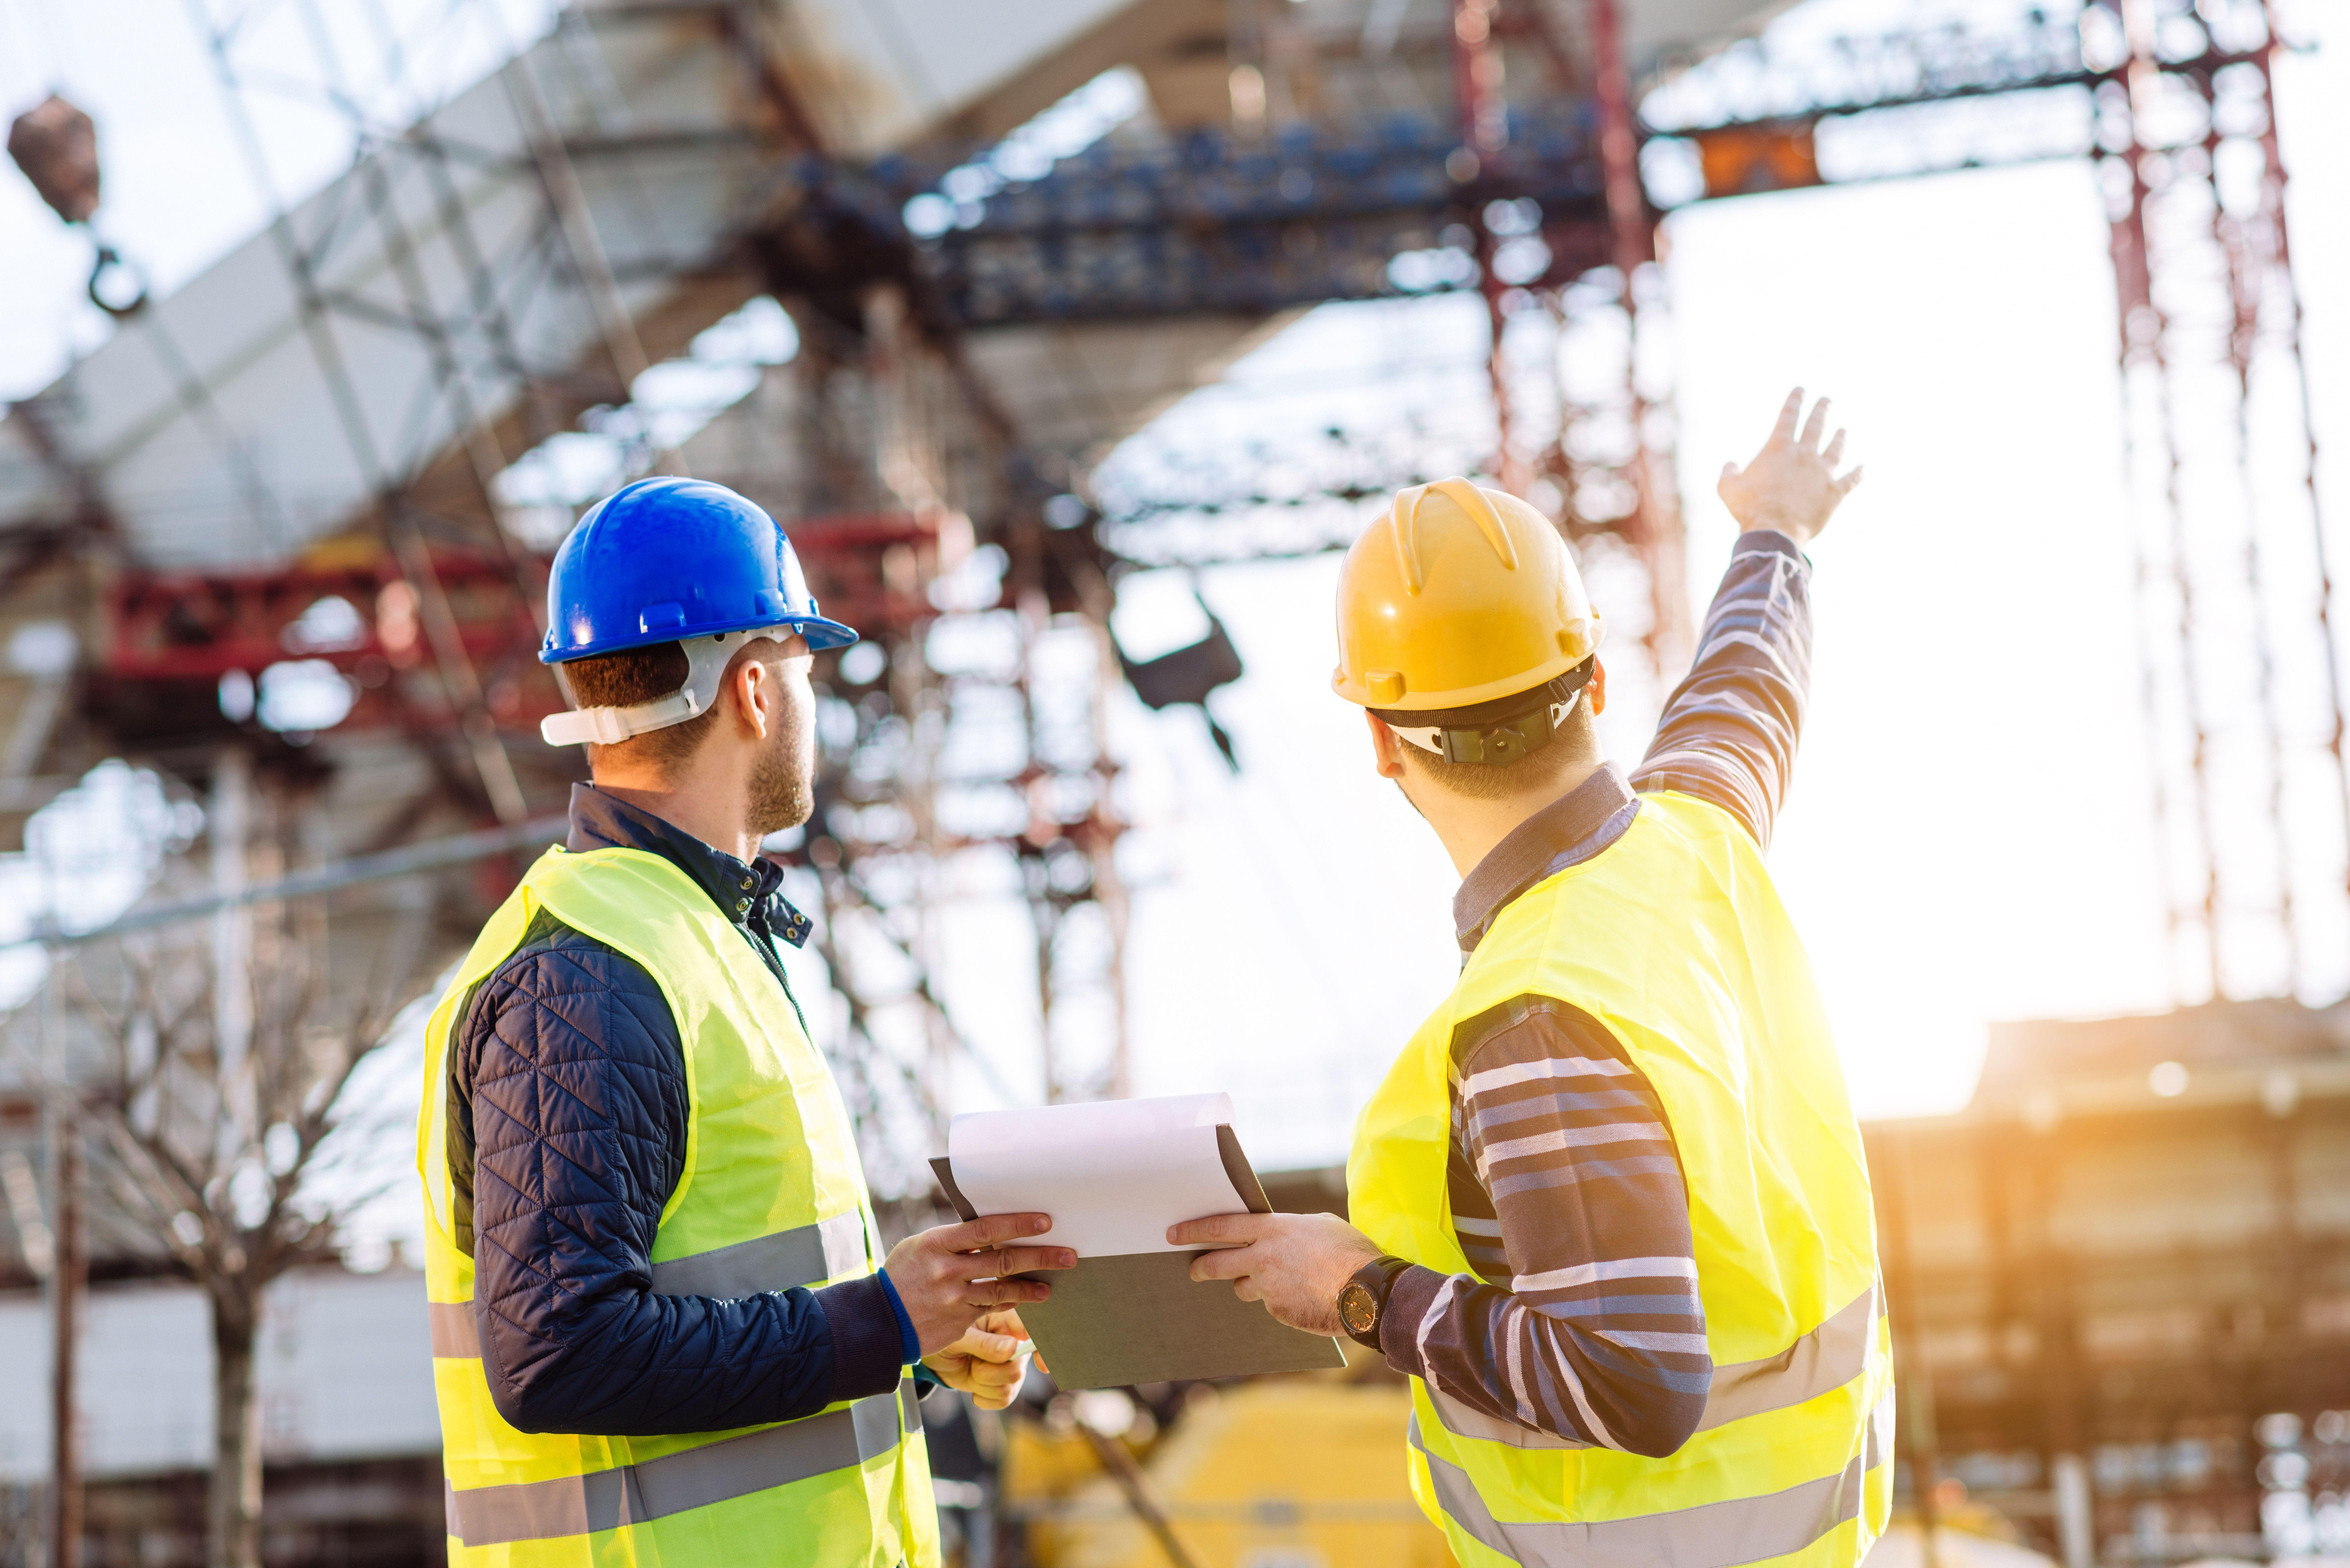 Venta y distribución de protección y equipamiento laboral en Vitoria